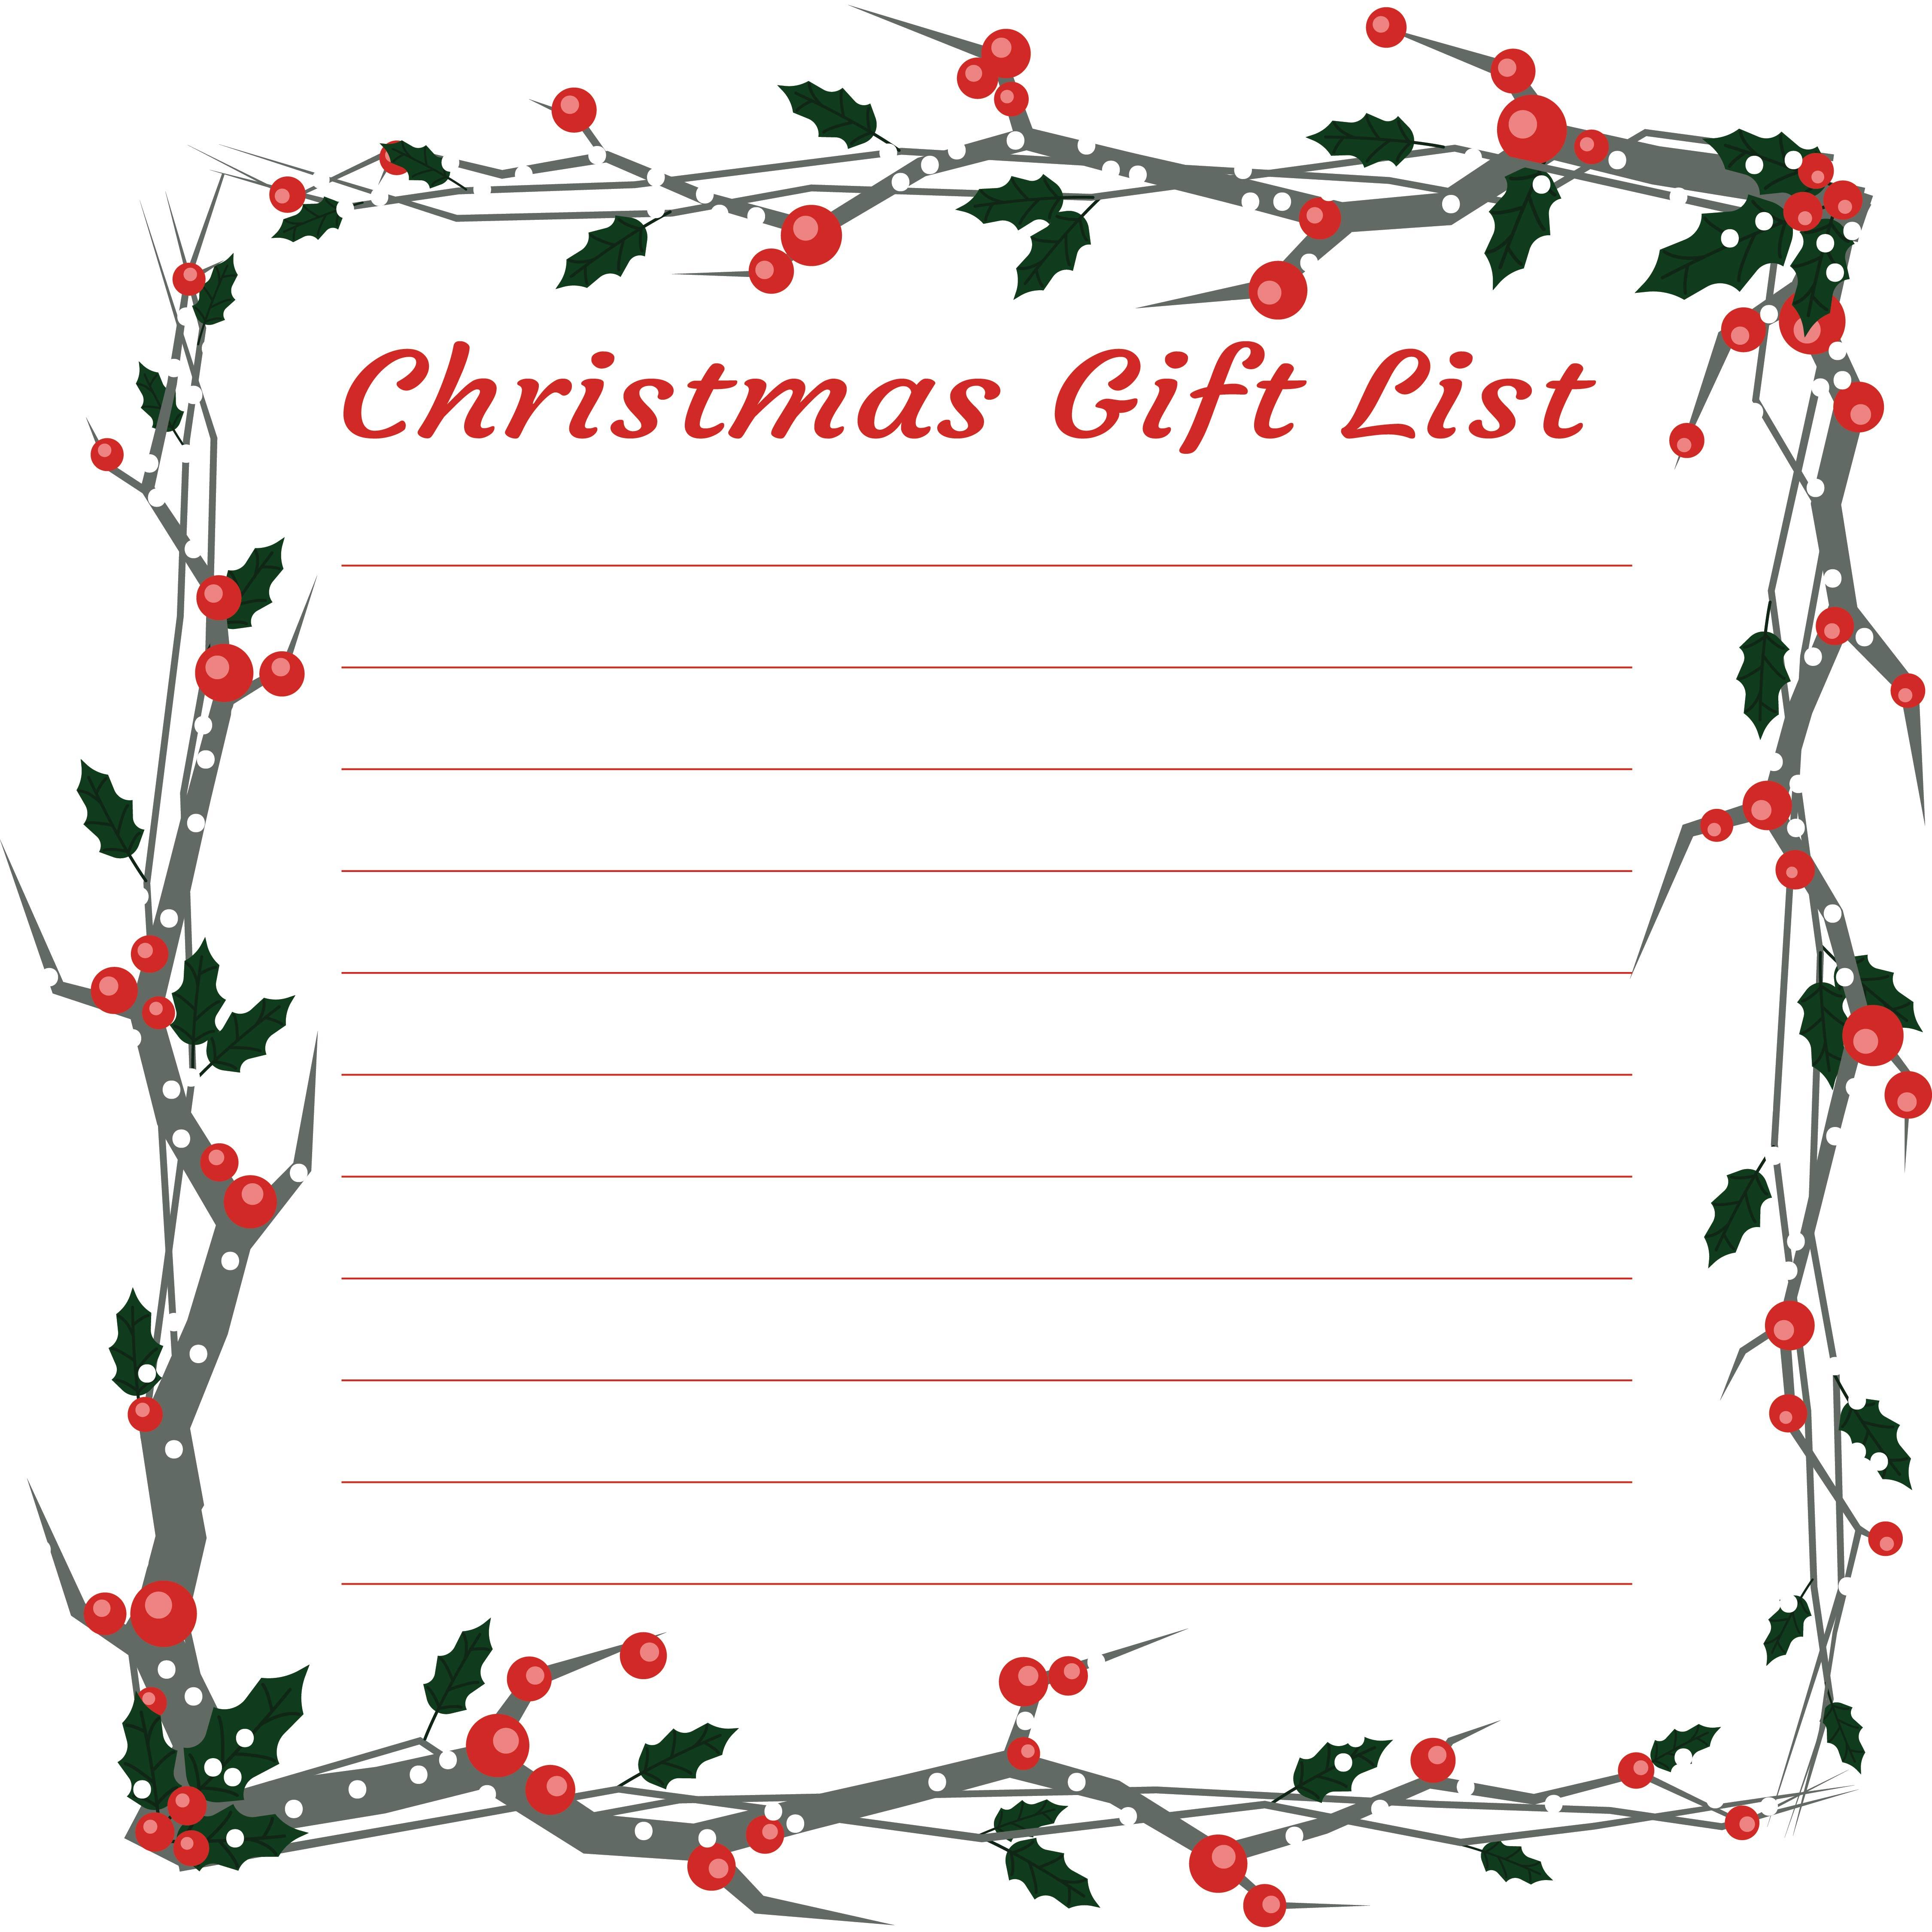 Blank Christmas Wish List Printable